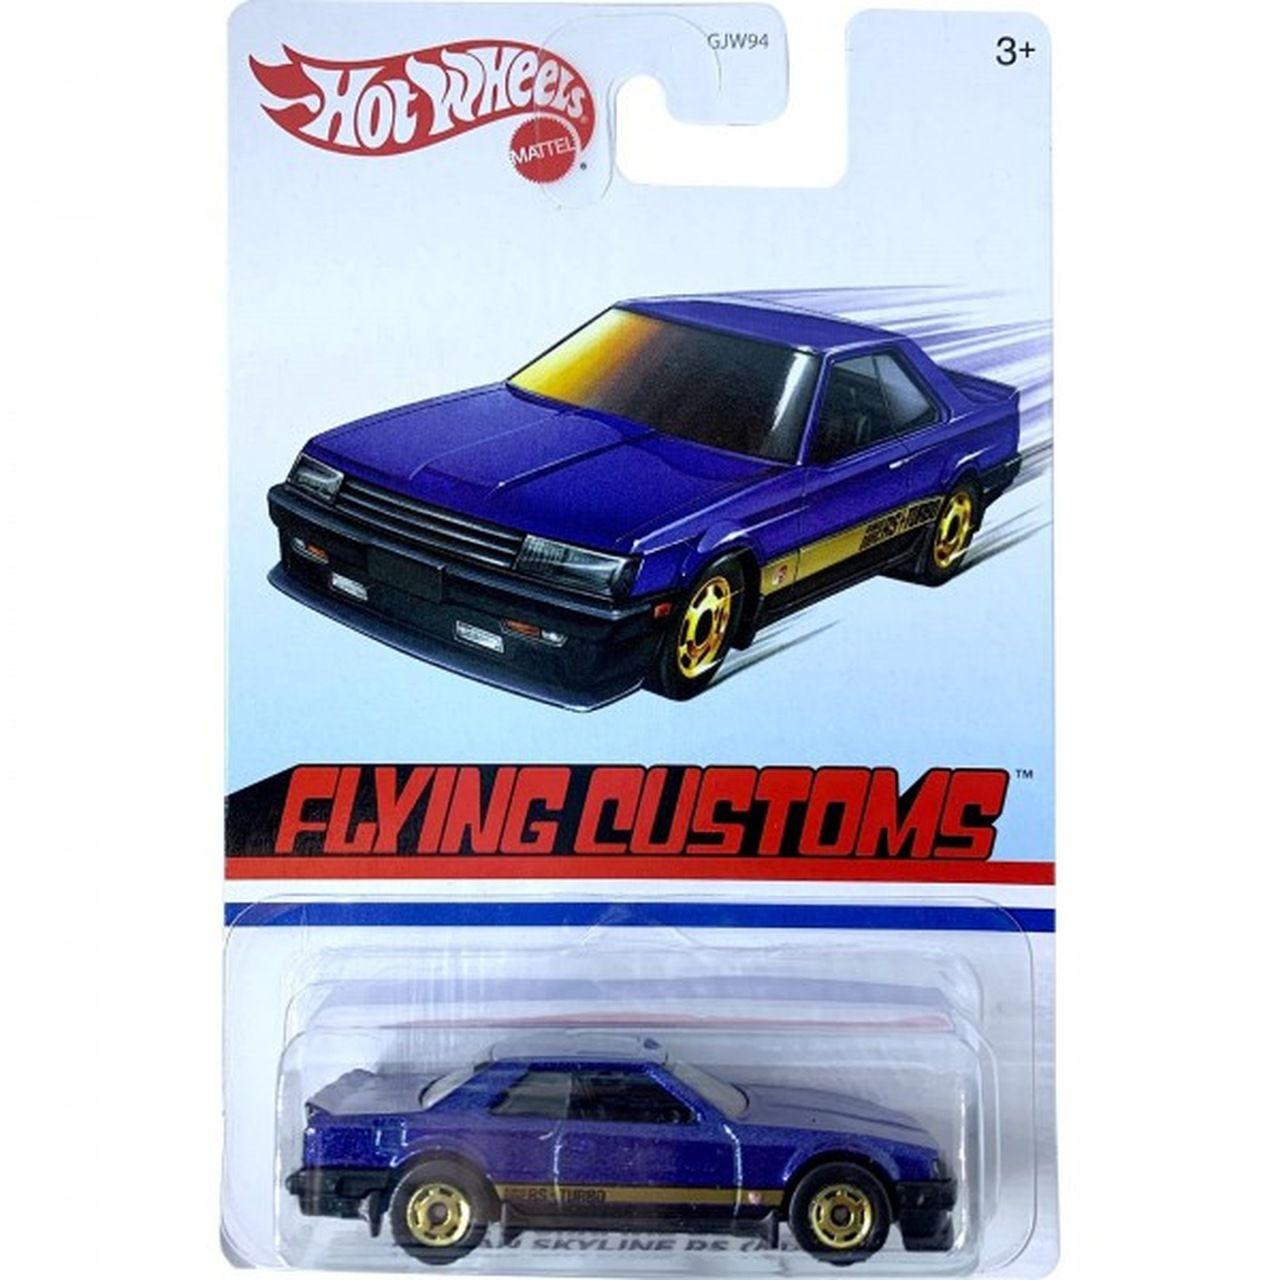 Carrinho Nissan Skyline RS (KDR30) Flying Customs (GJW94)- Hot Wheels